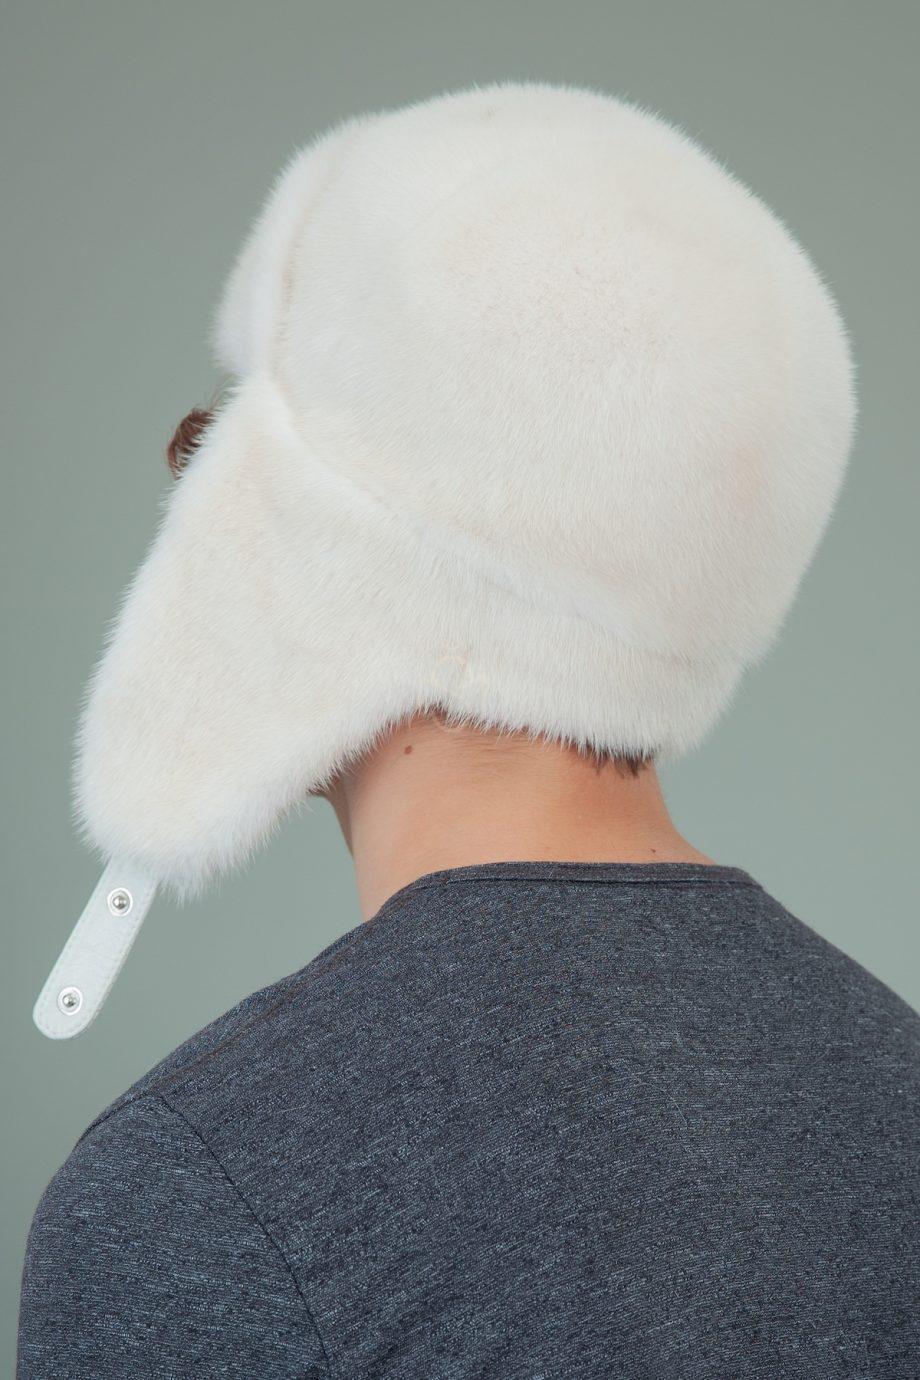 kristalo audines kepure su susegamomis ausimis vyrams